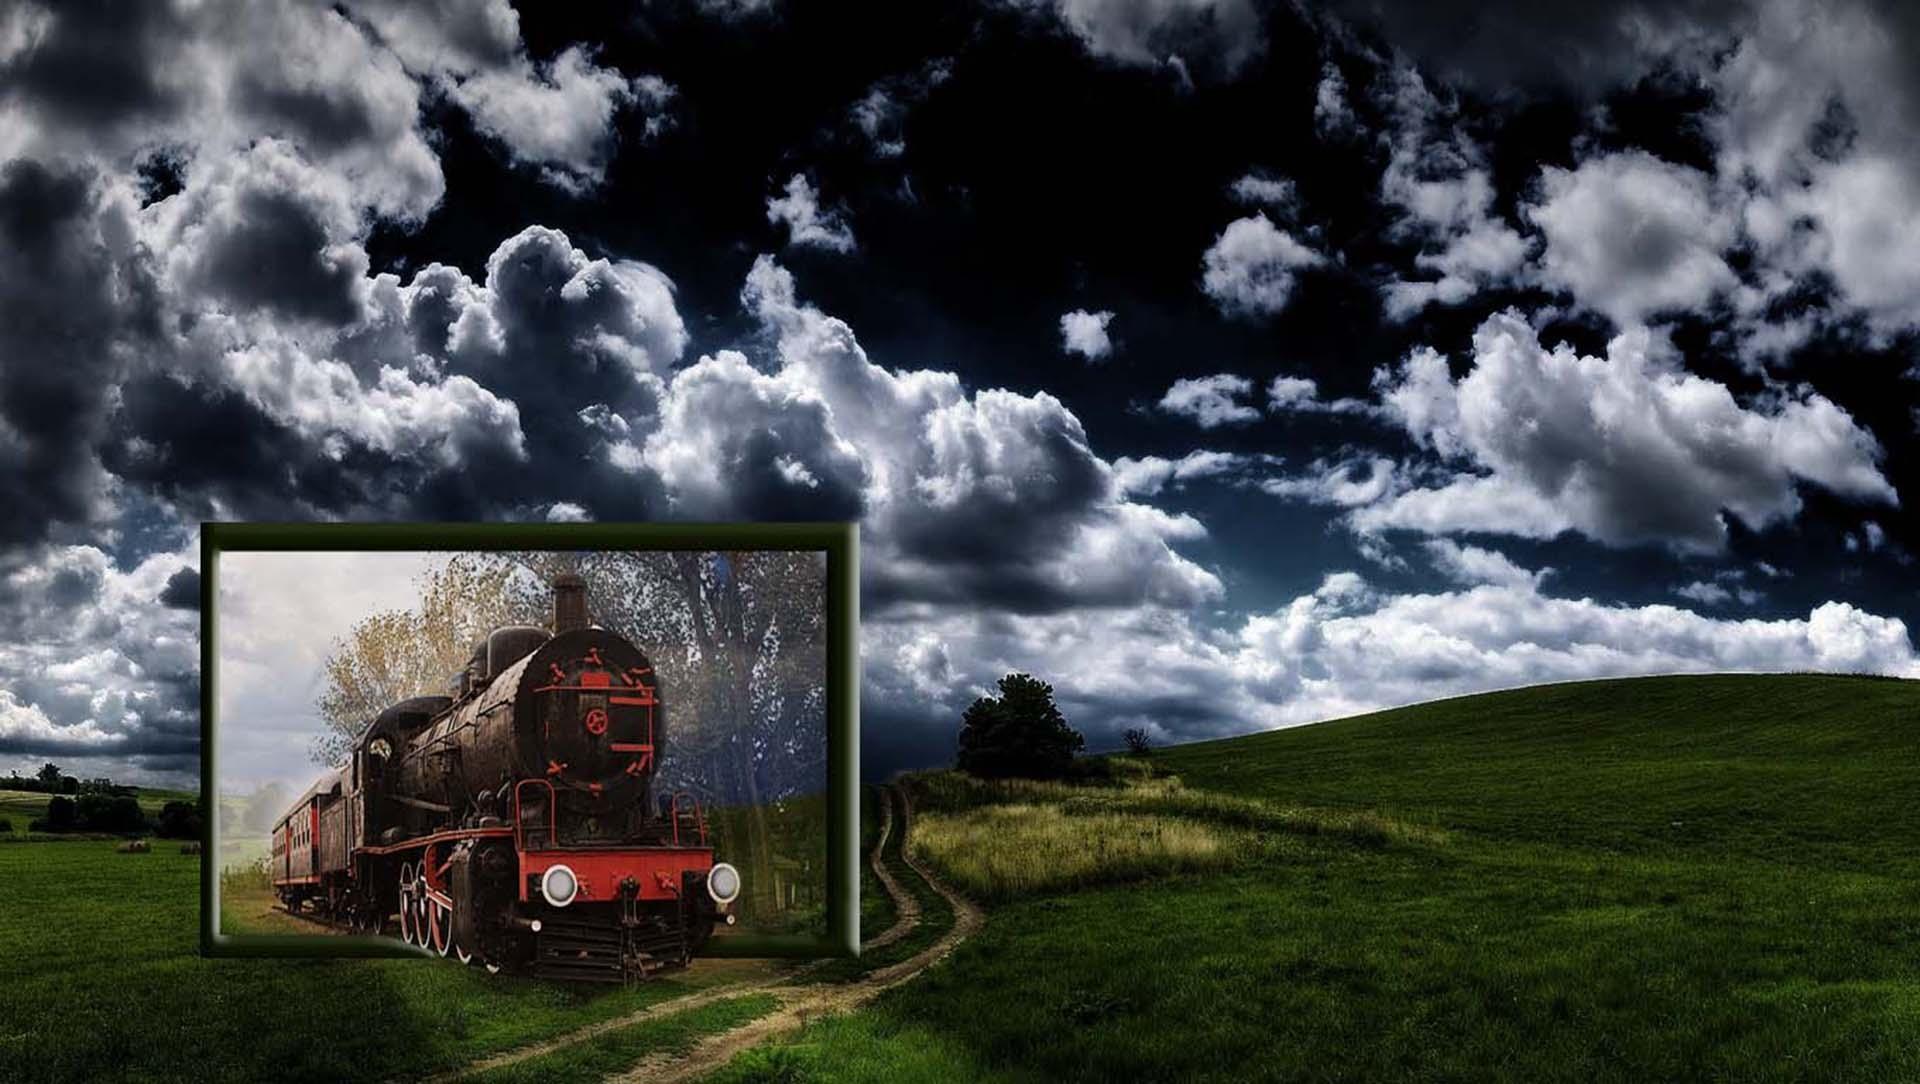 Fotoğraf Peyzaj Doğa çimen Bulut Gökyüzü Tren Hava çerçeve